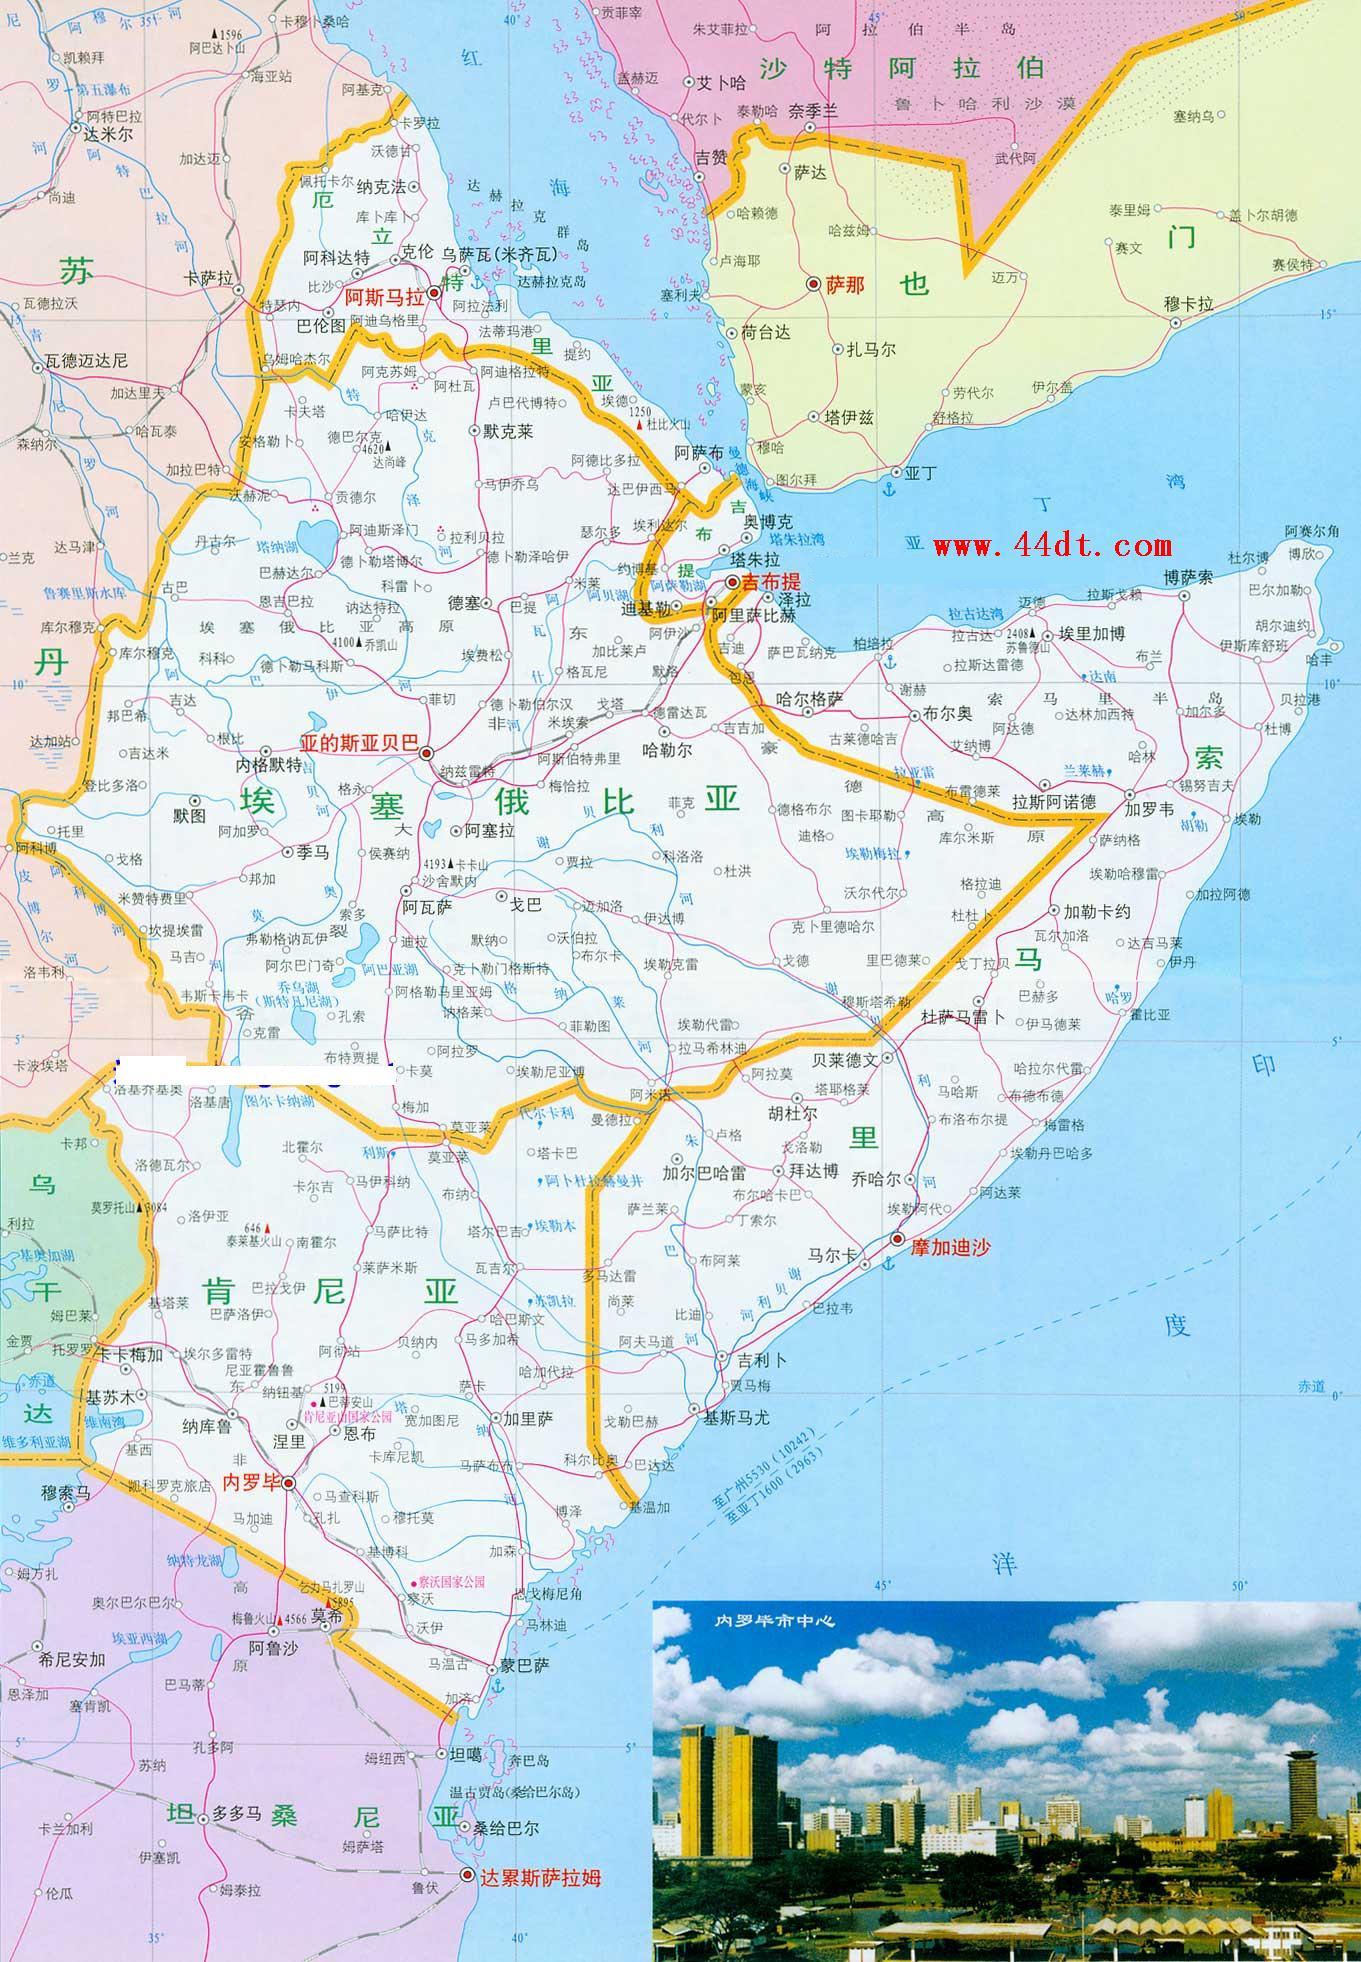 首尔 地图 中文 版 全 图